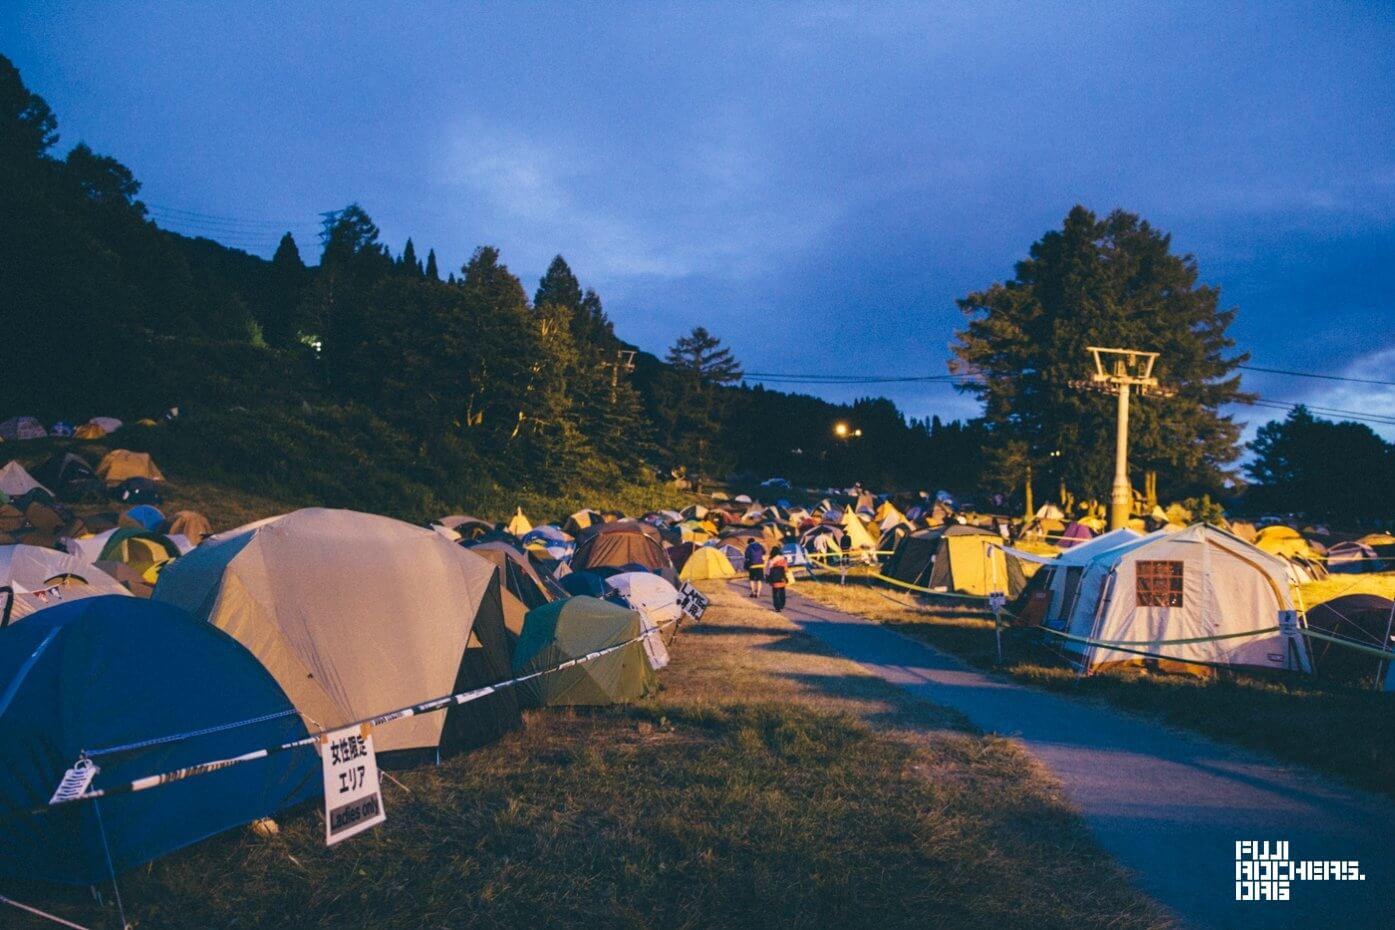 土曜朝5時、キャンプサイト〜場外の様子